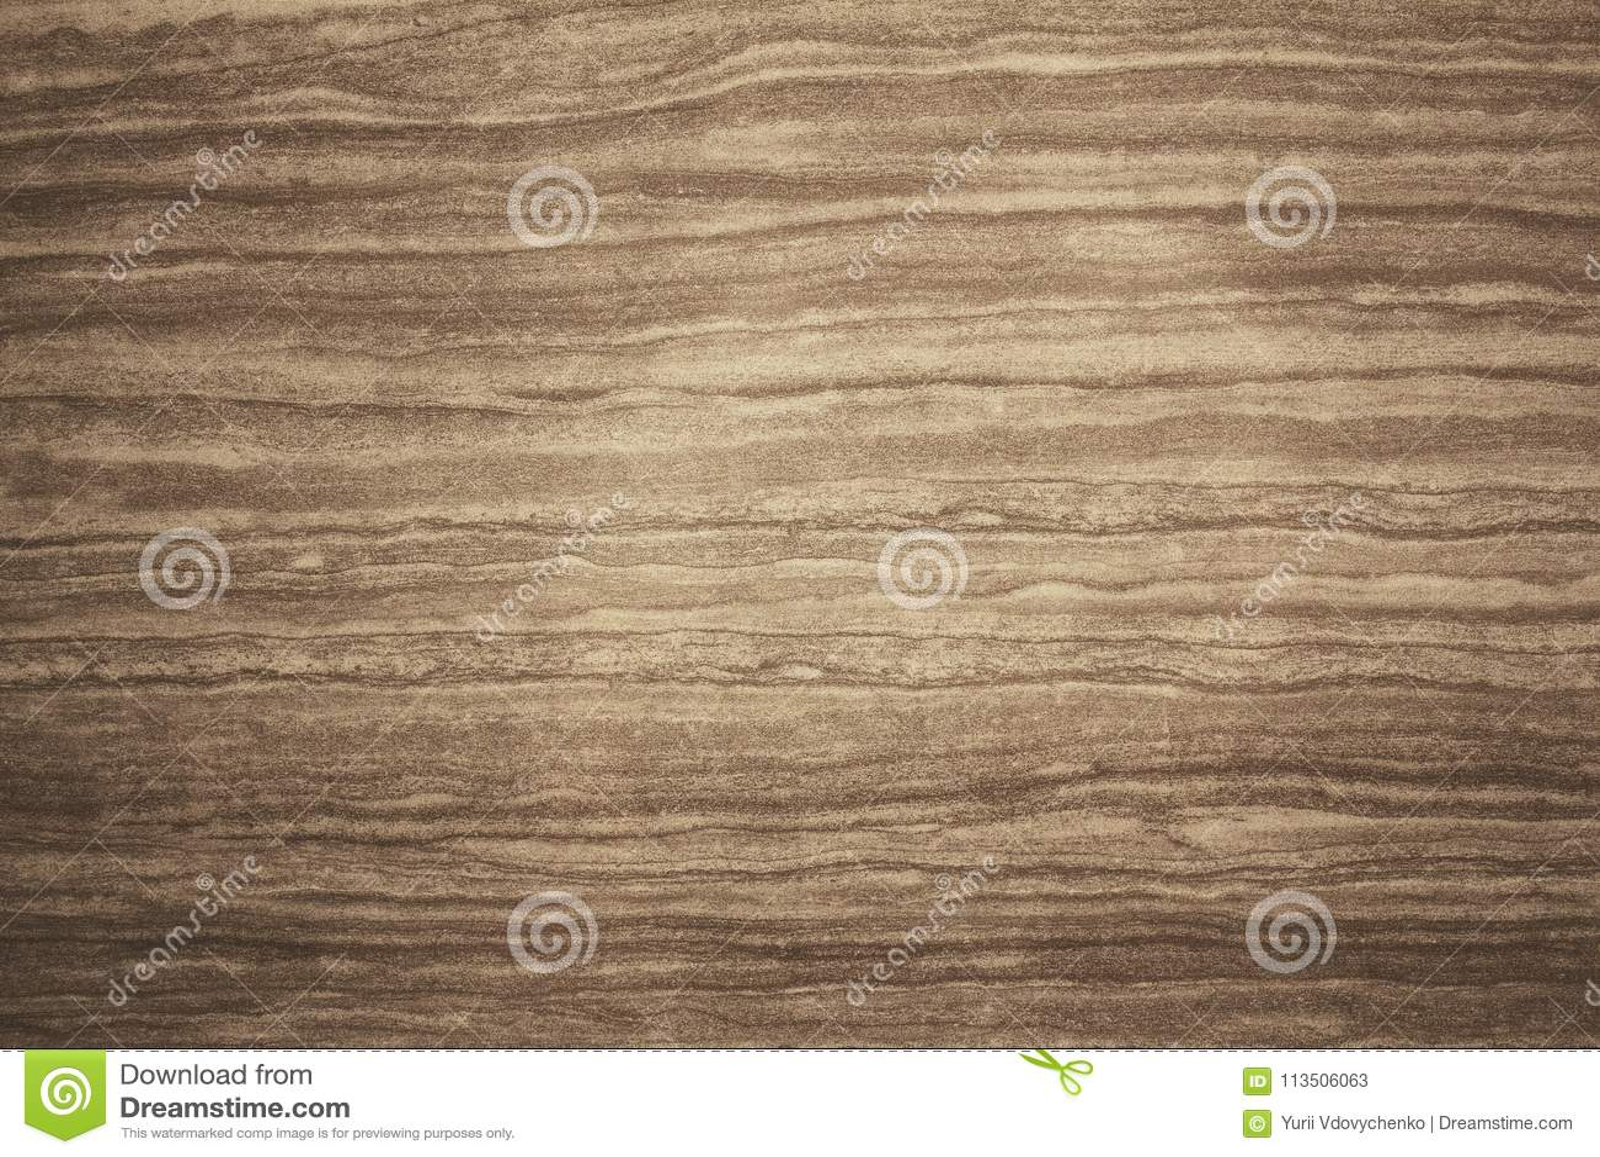 Tegel Met Tekst : Keramische tegel grijs voor achtergrond plaats voor tekst keramische